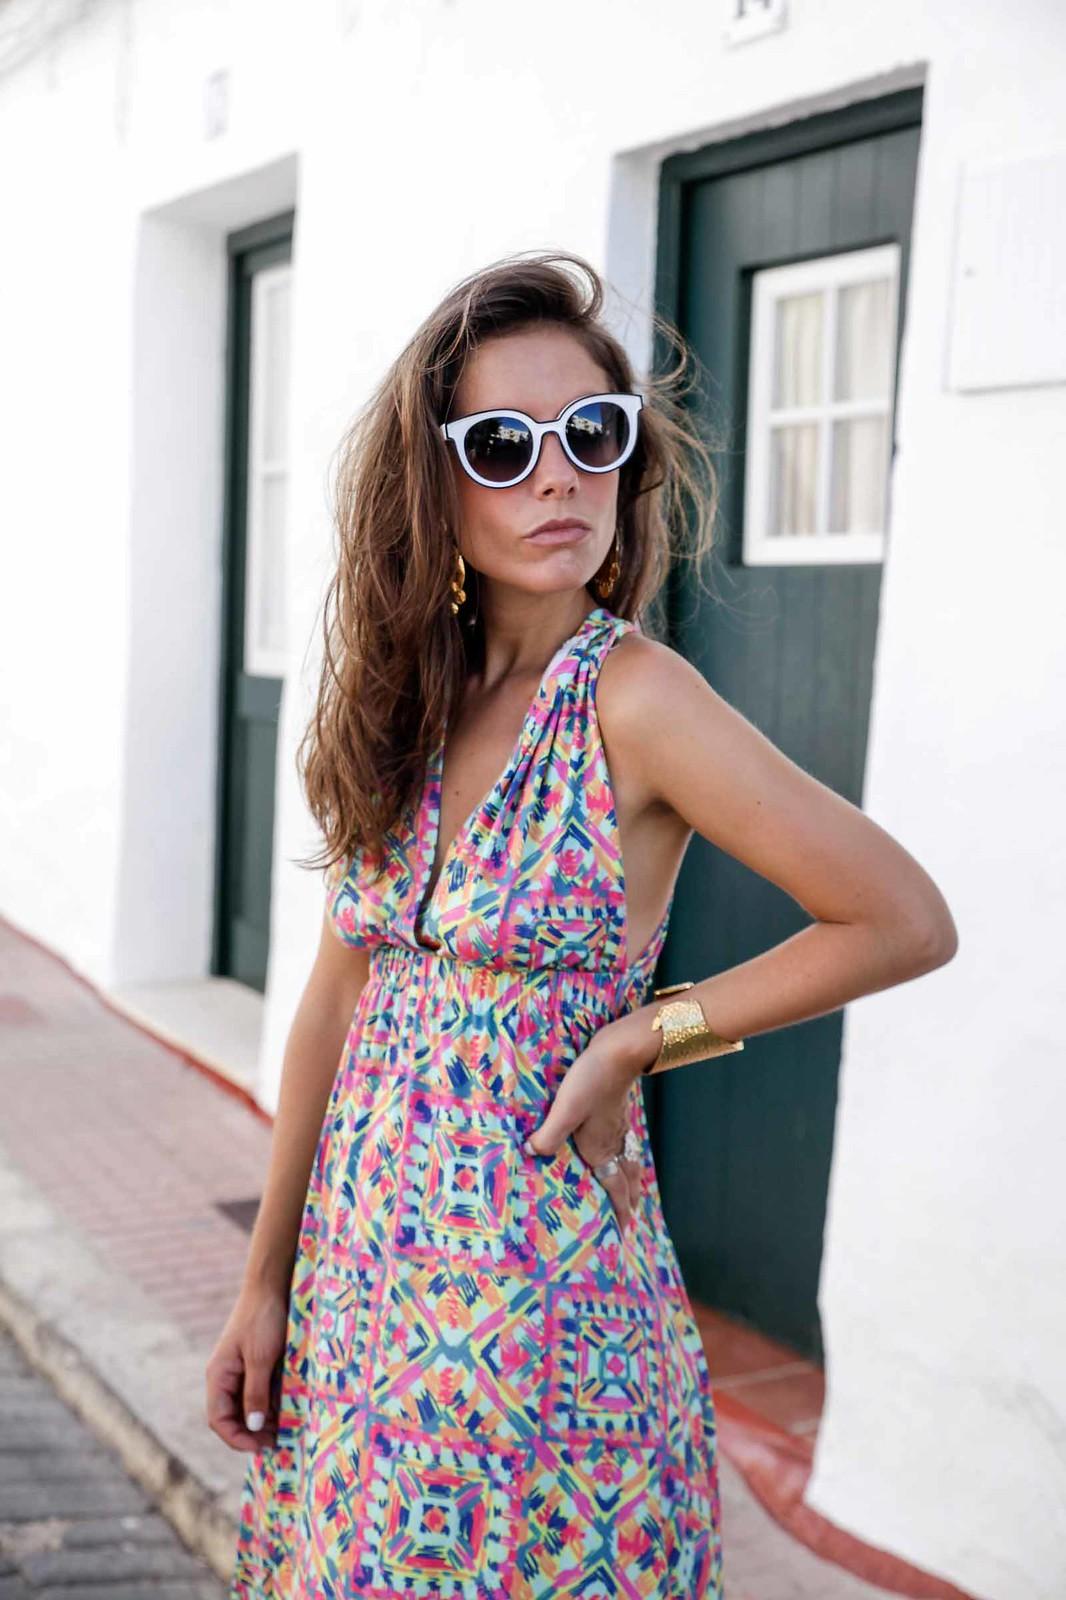 01_vestido_largo_colores_estilo_boho_rüga_chic_casual_street_style_outfit_theguestgirl_